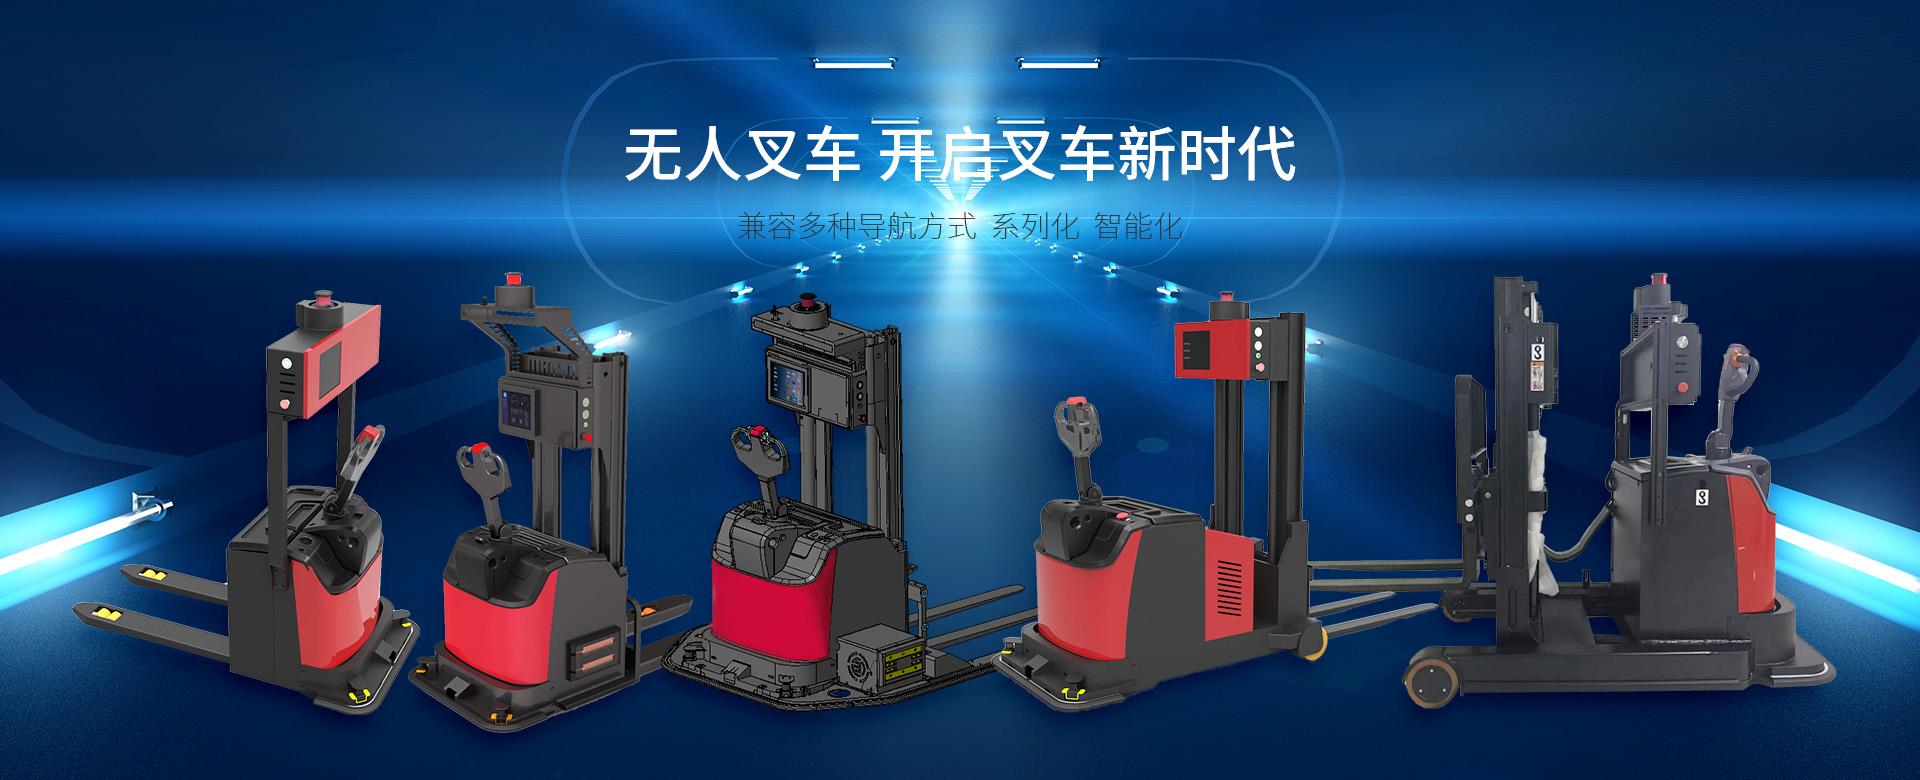 深圳易行機器人有限公司公司介紹